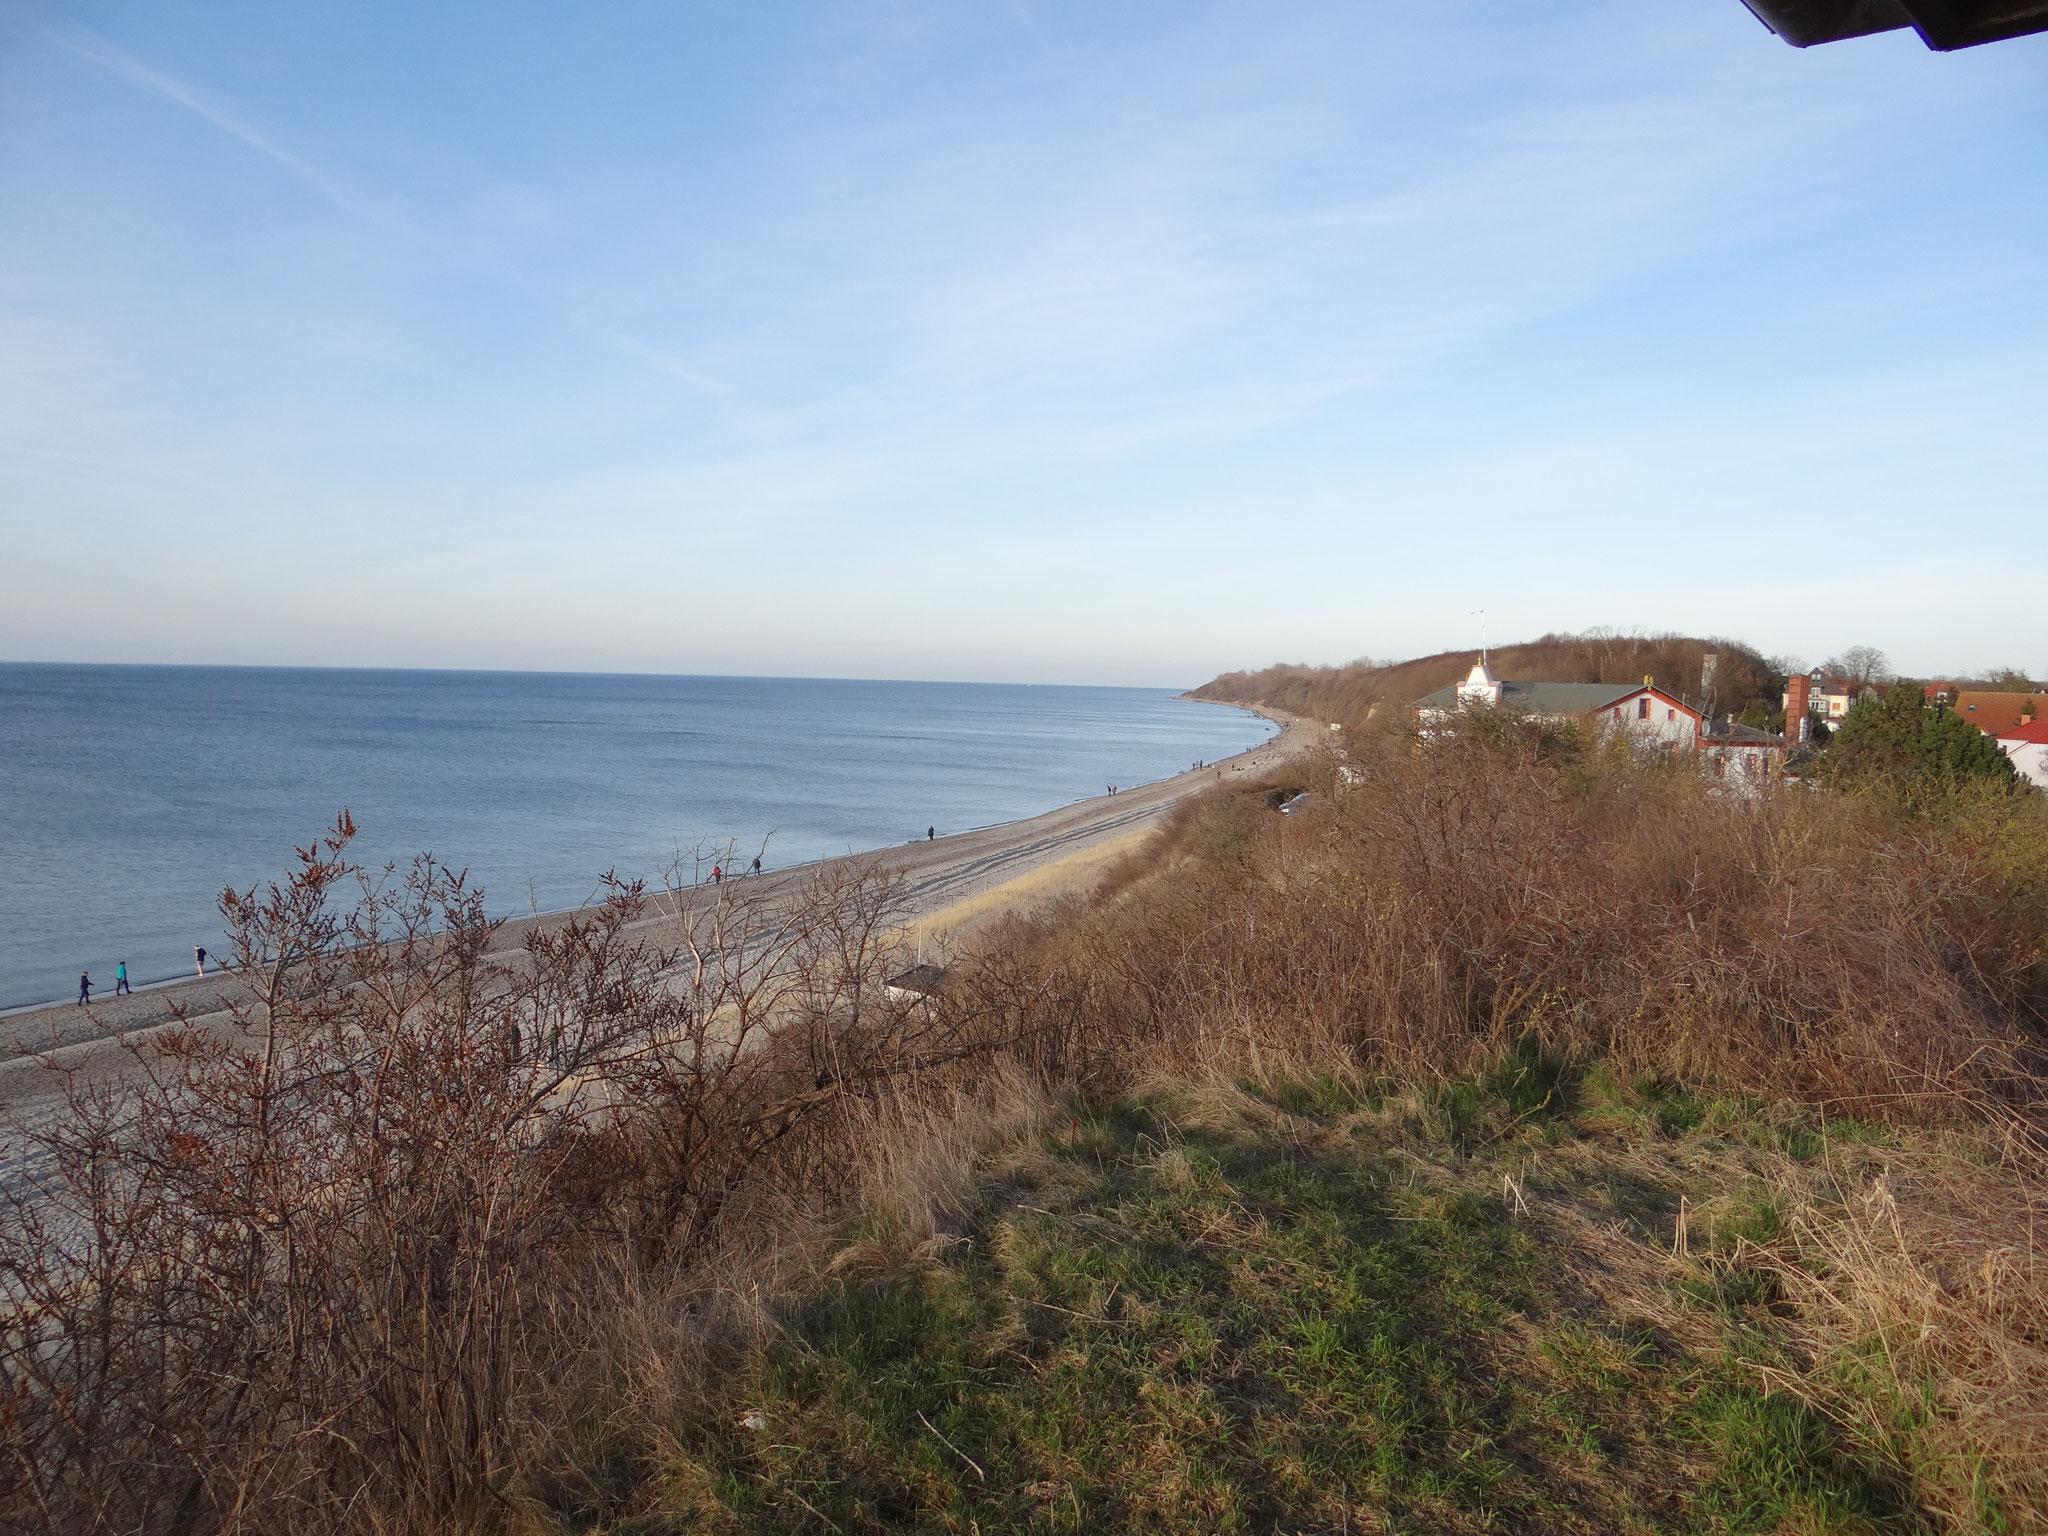 Aussicht Schmiedeberg Strandpromenade